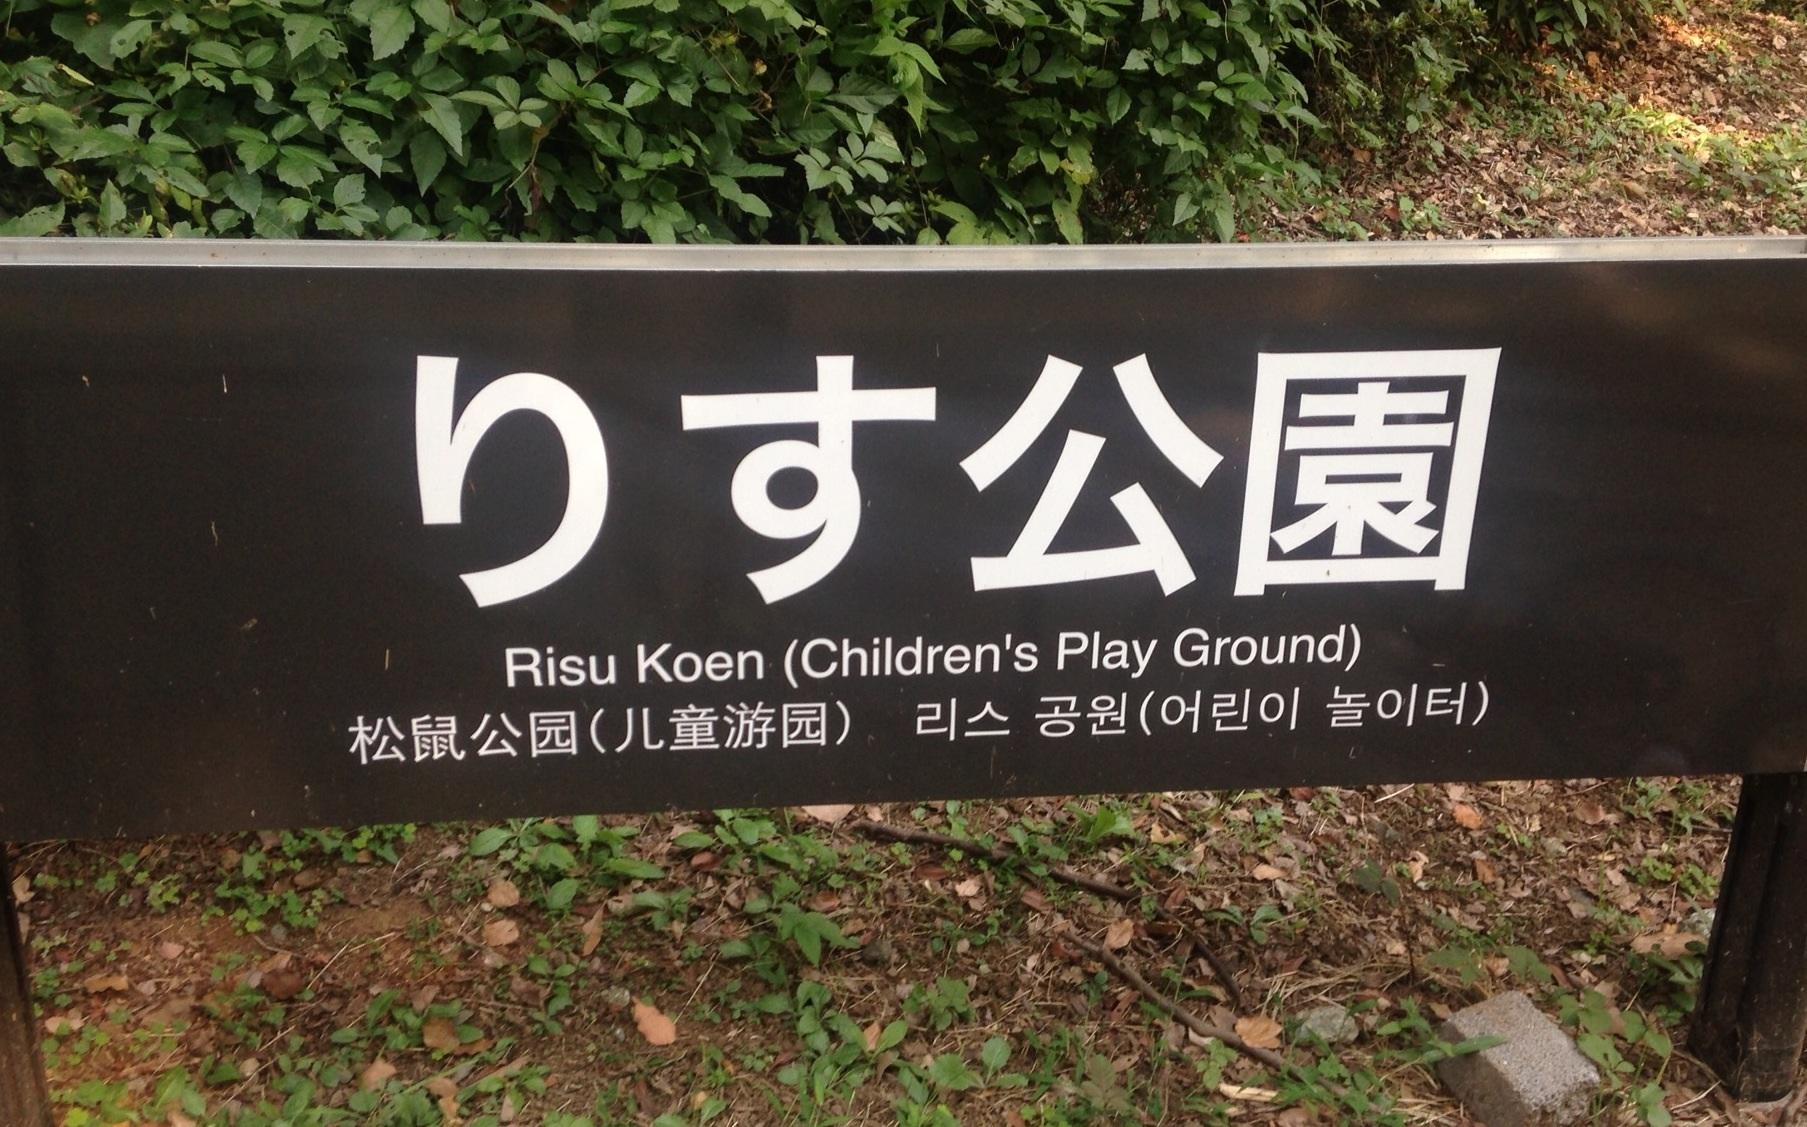 駒沢公園のりす公園